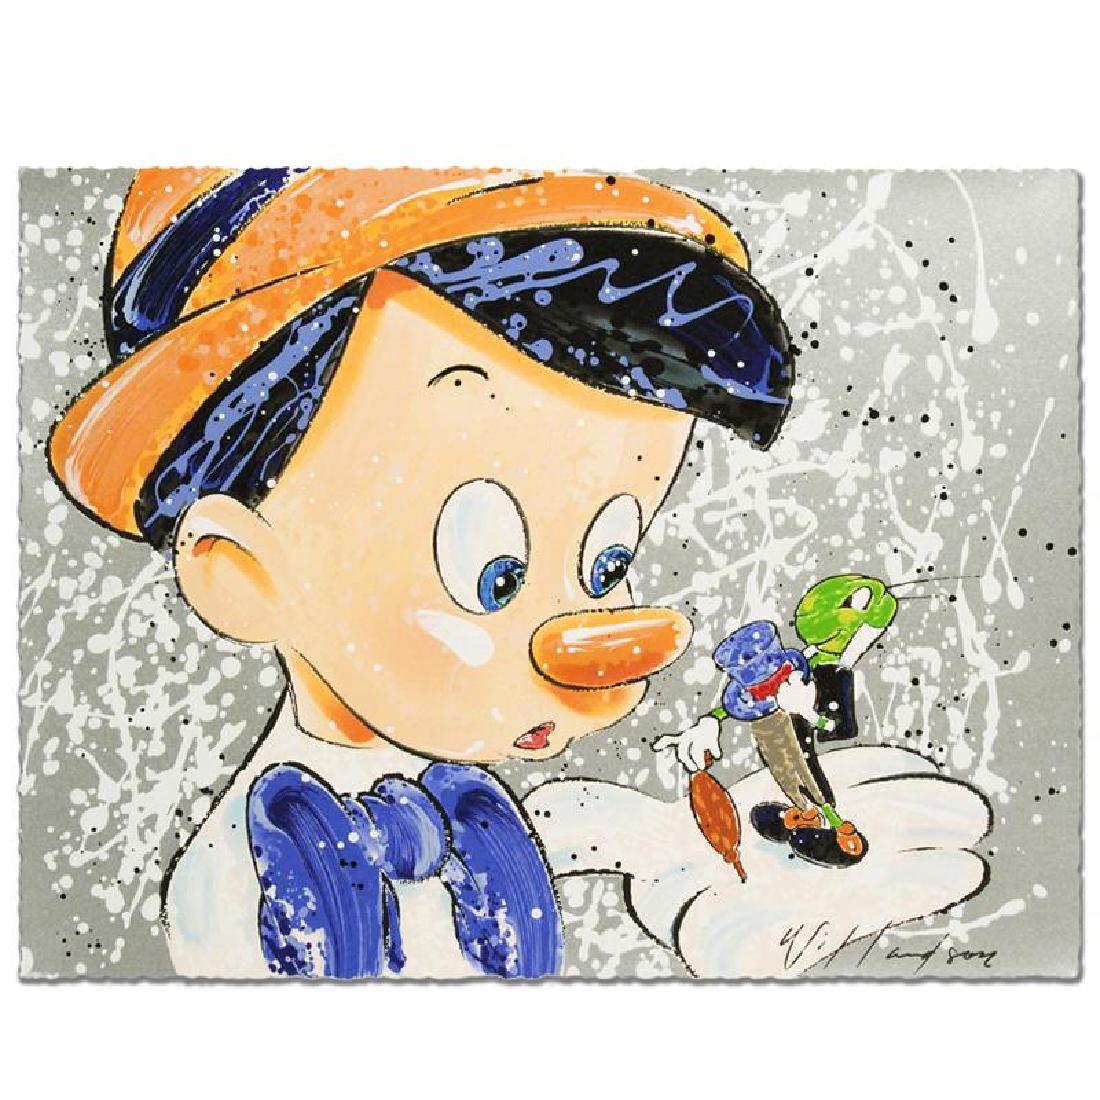 Boy Oh Boy Oh Boy Disney Limited Edition Serigraph by